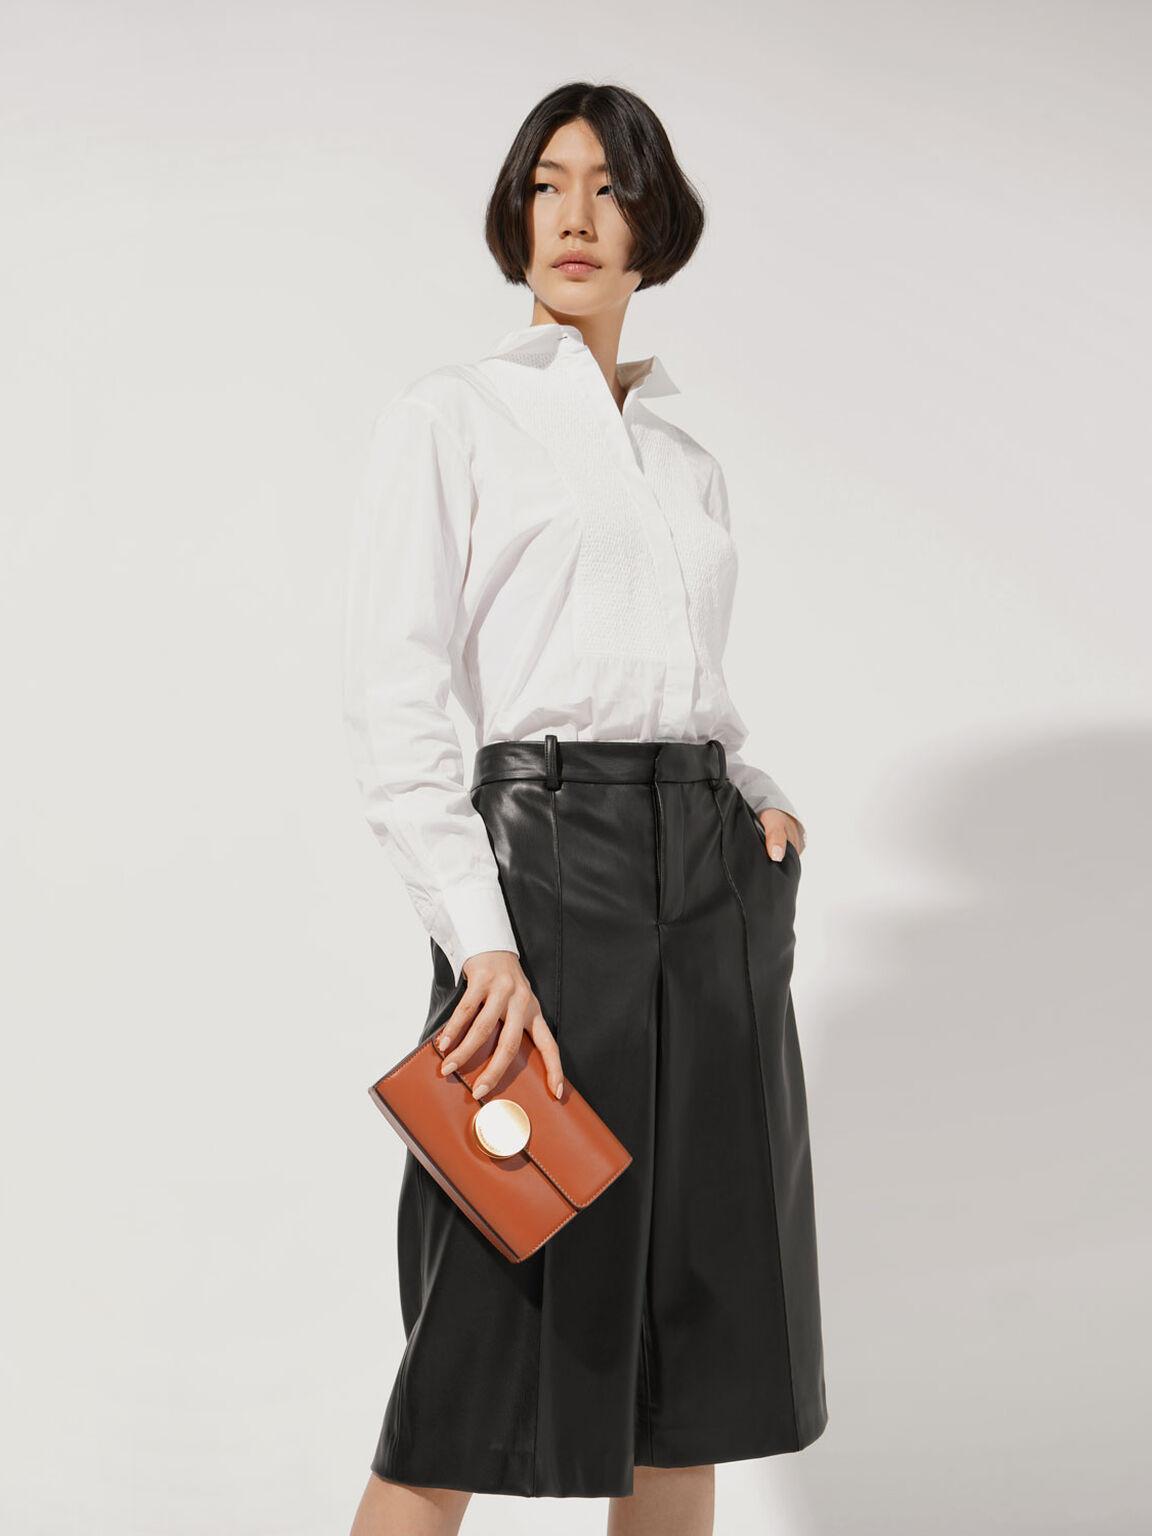 Grommet Sling Bag, Orange, hi-res